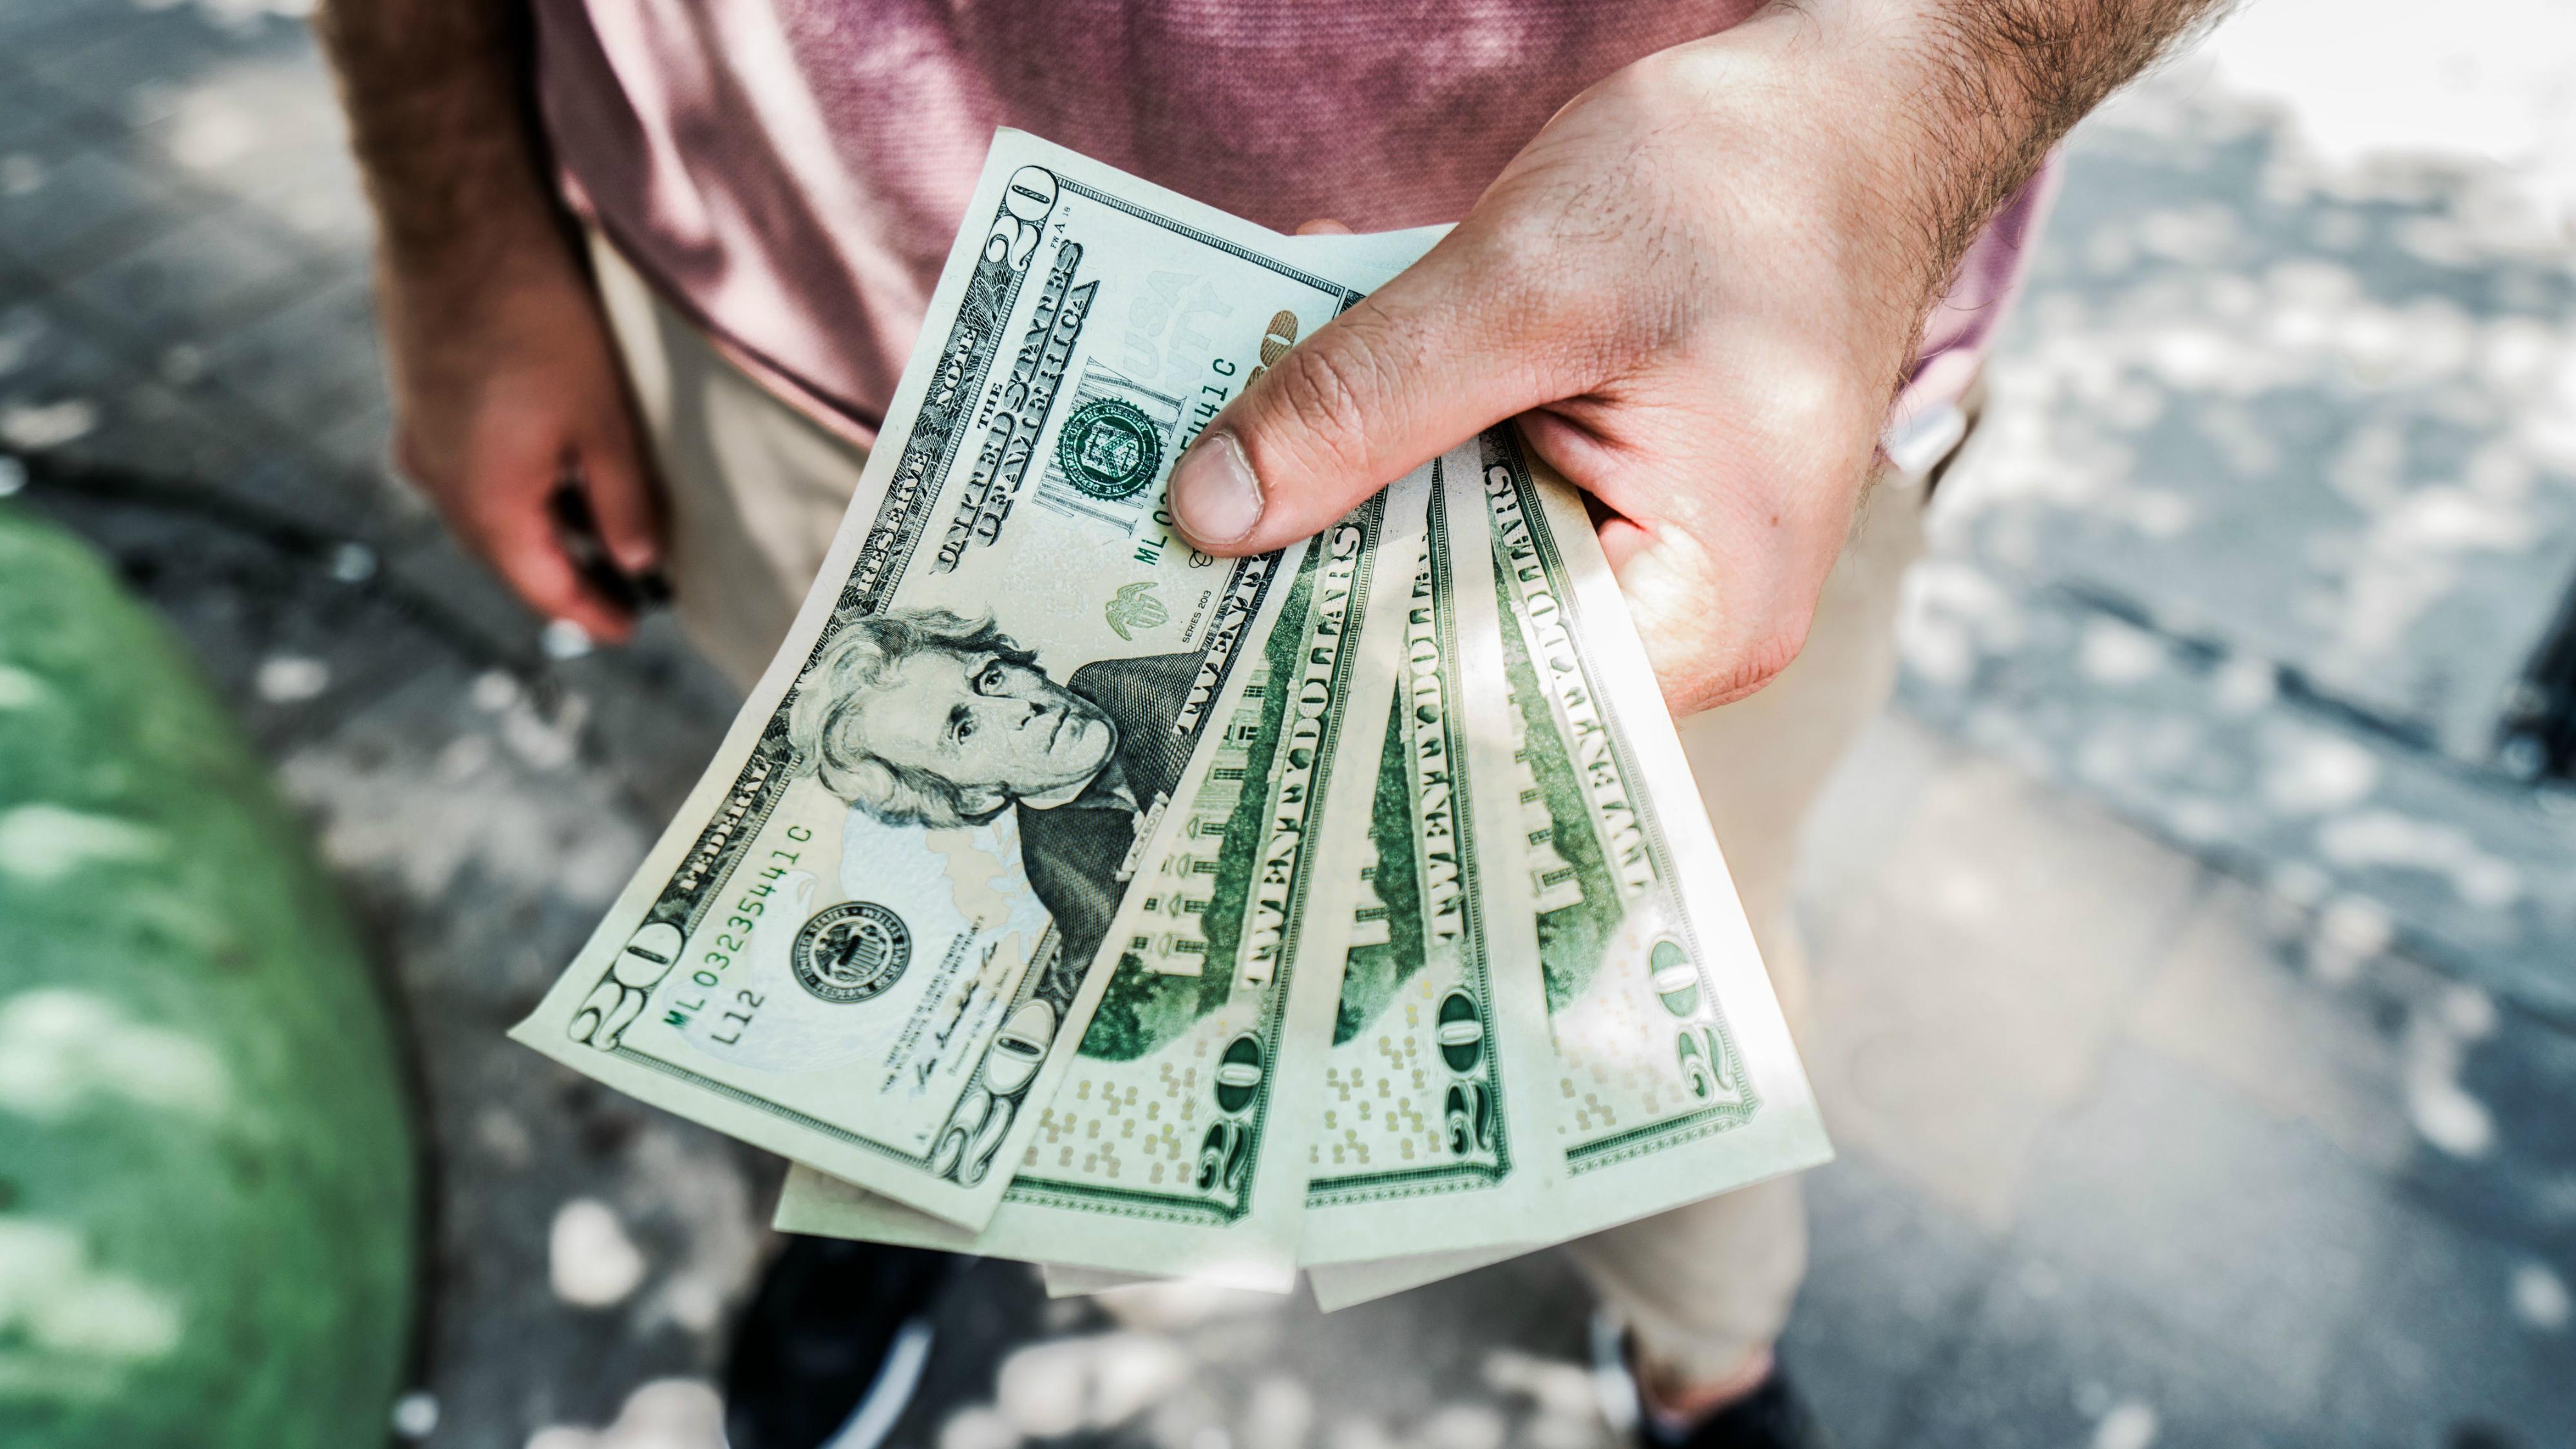 kā jūs varat ātri nopelnīt lielu naudu